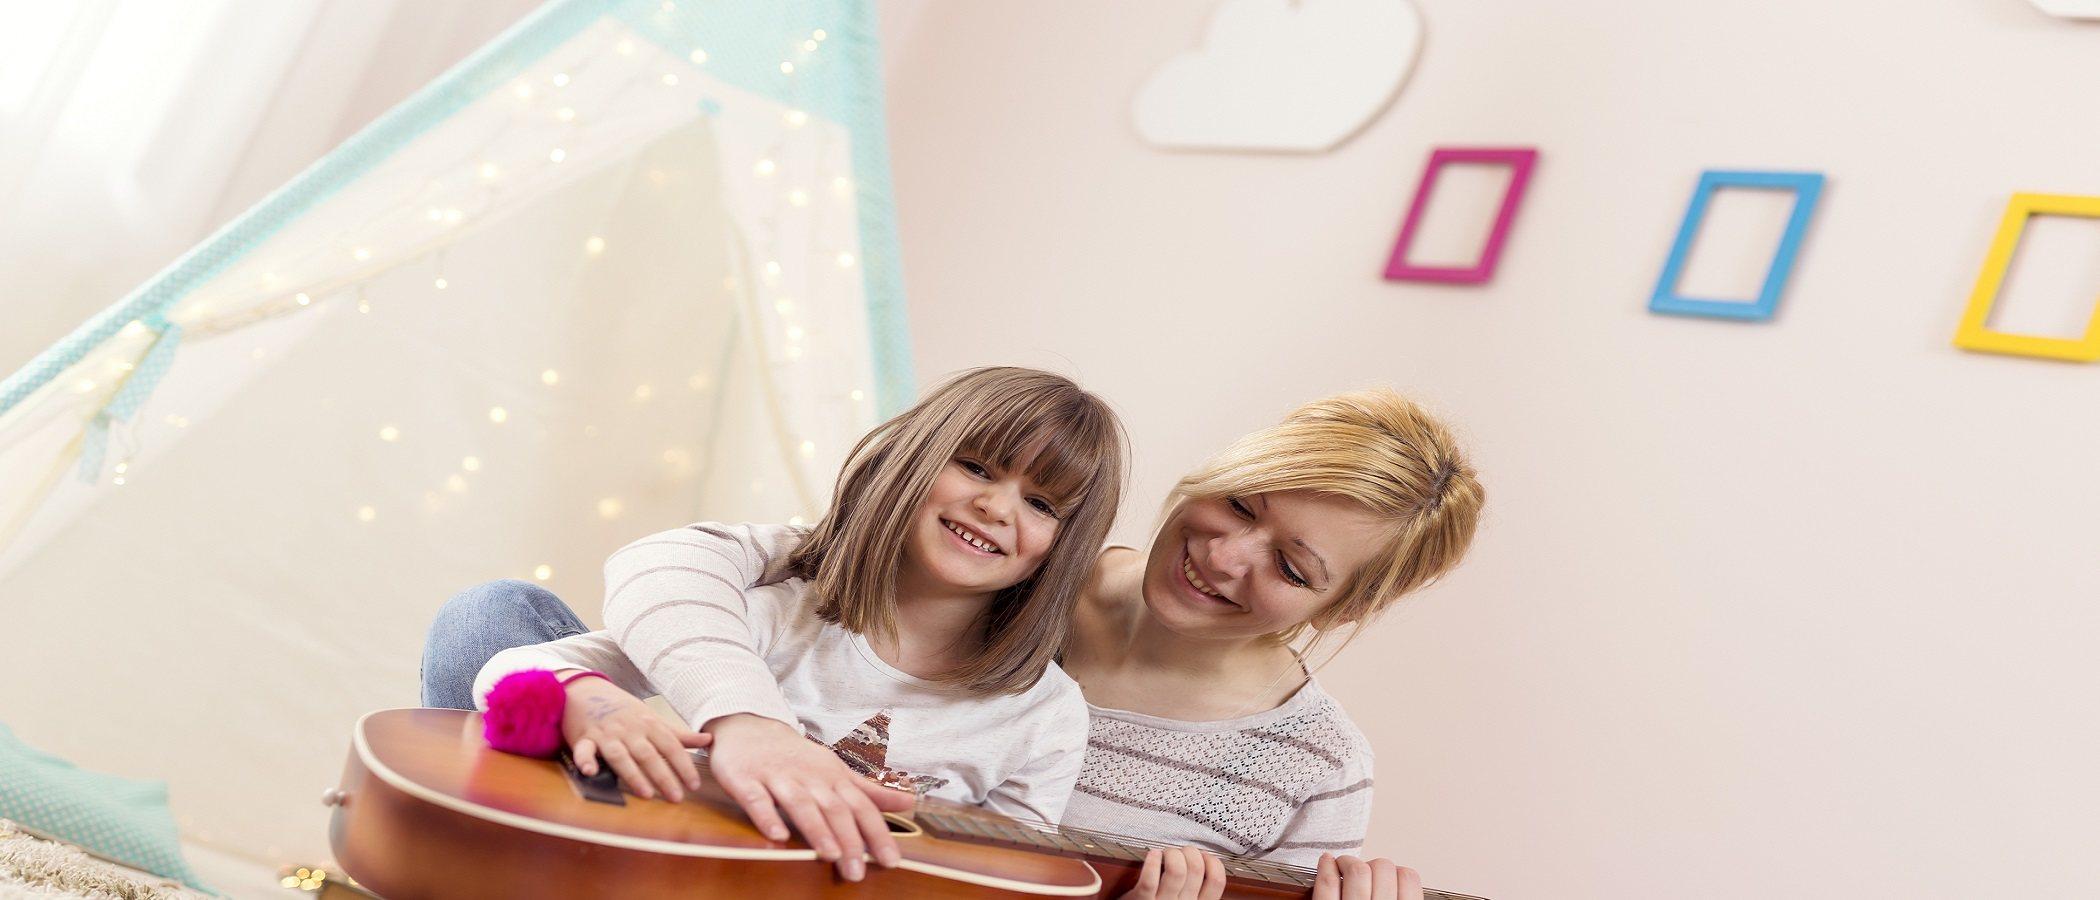 Canciones infantiles populares en español